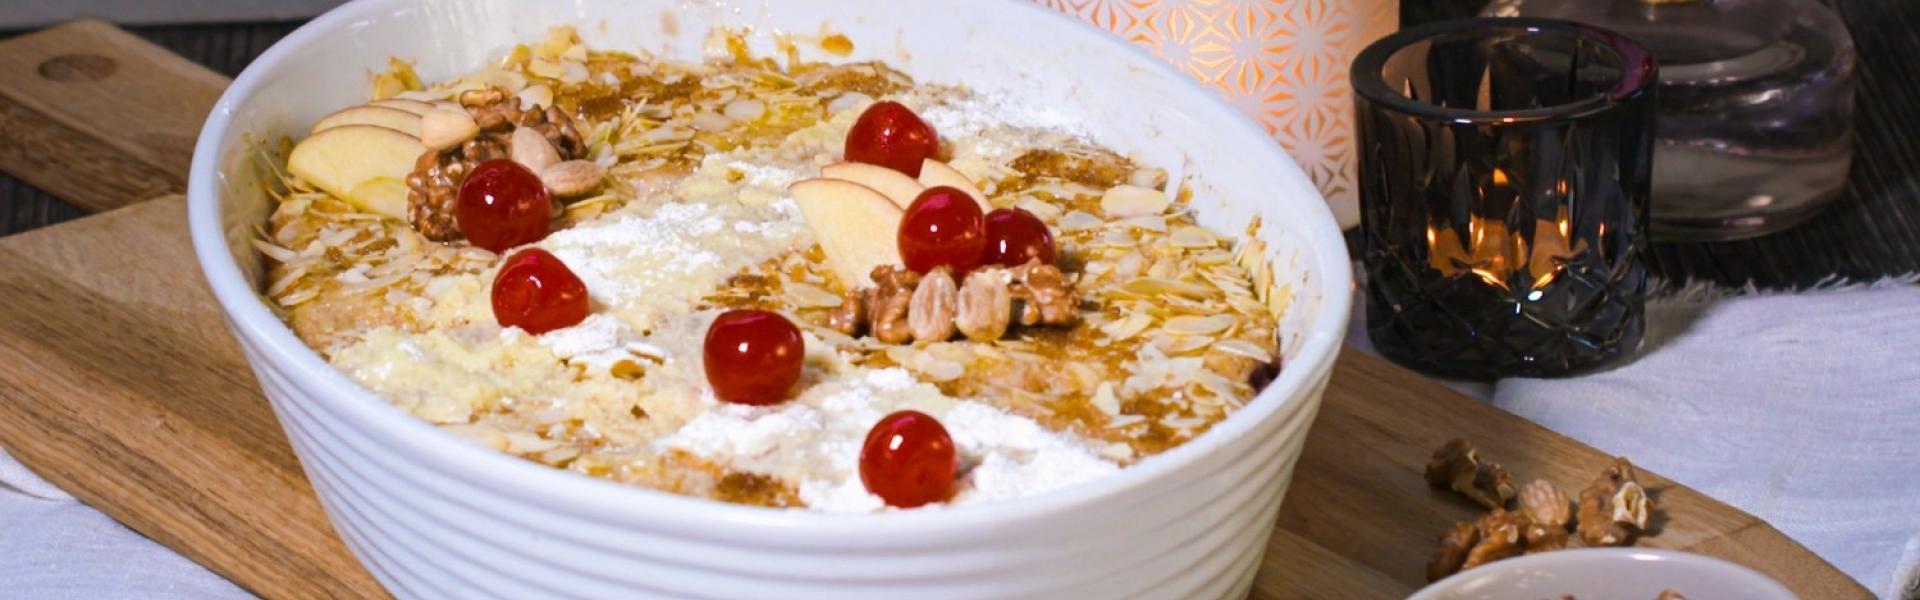 Grießauflauf in weißer Auflaufform mit Mandelkruste und Kirschen garniert.